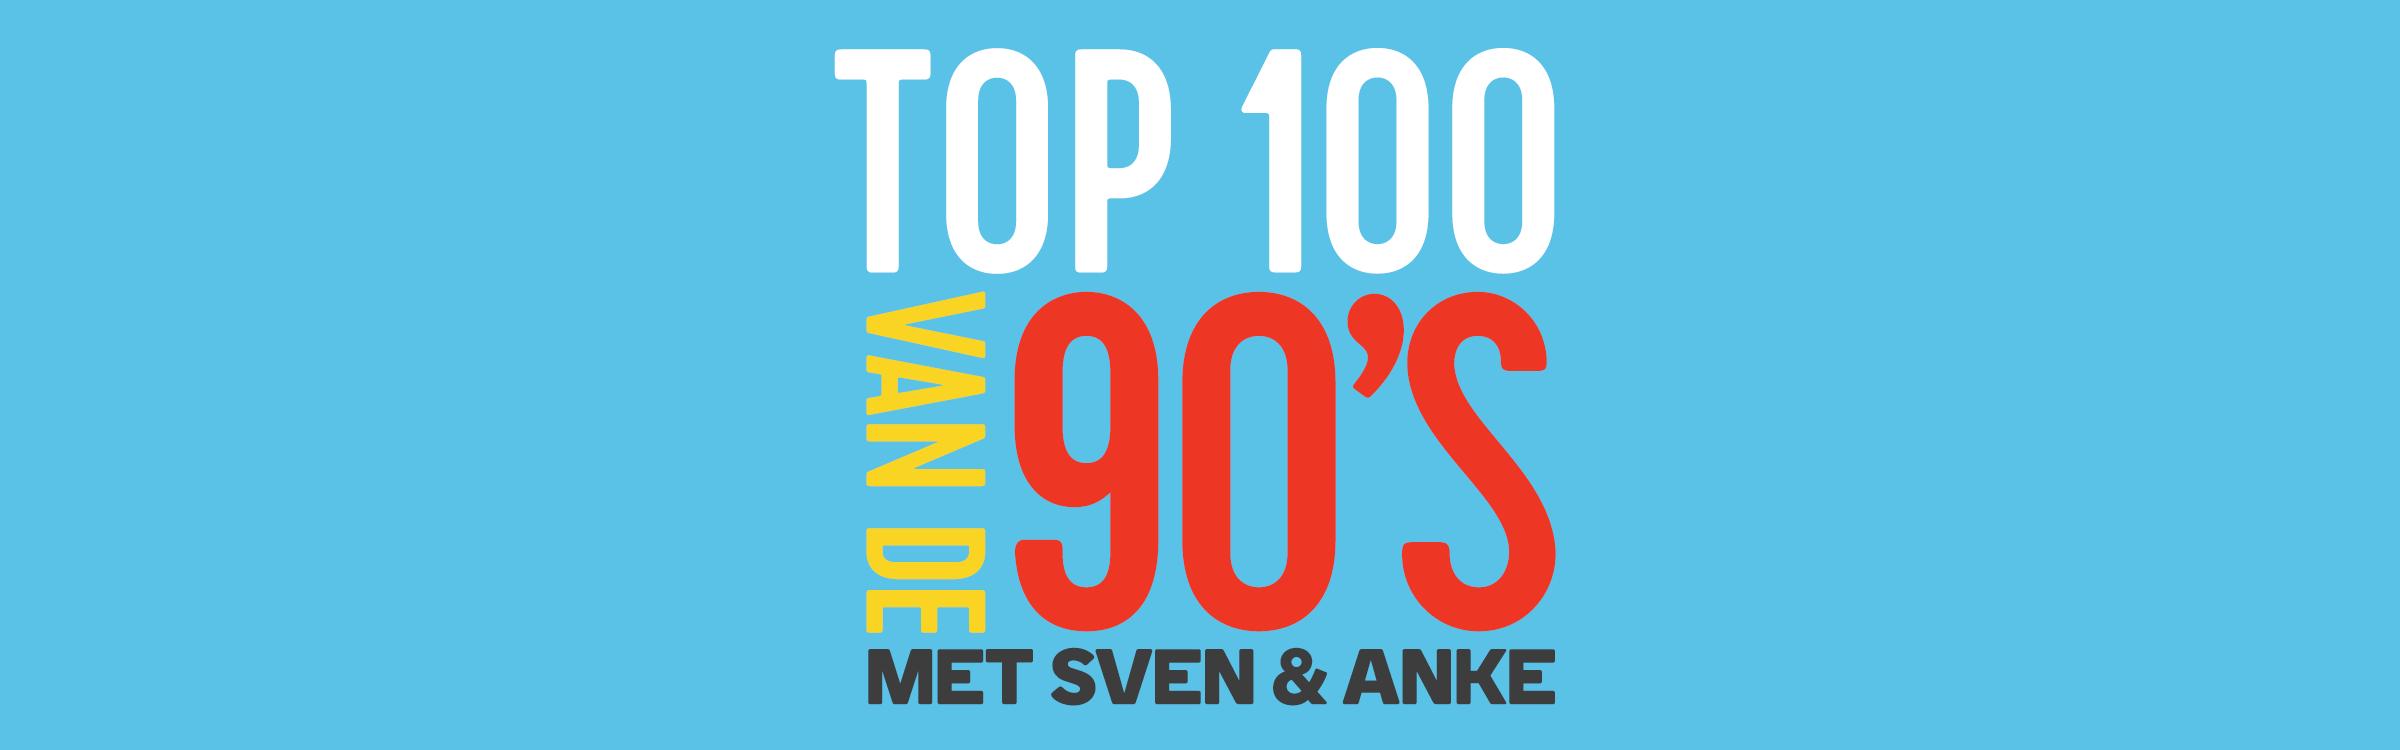 2400x750  top100 top500vd90s lijst